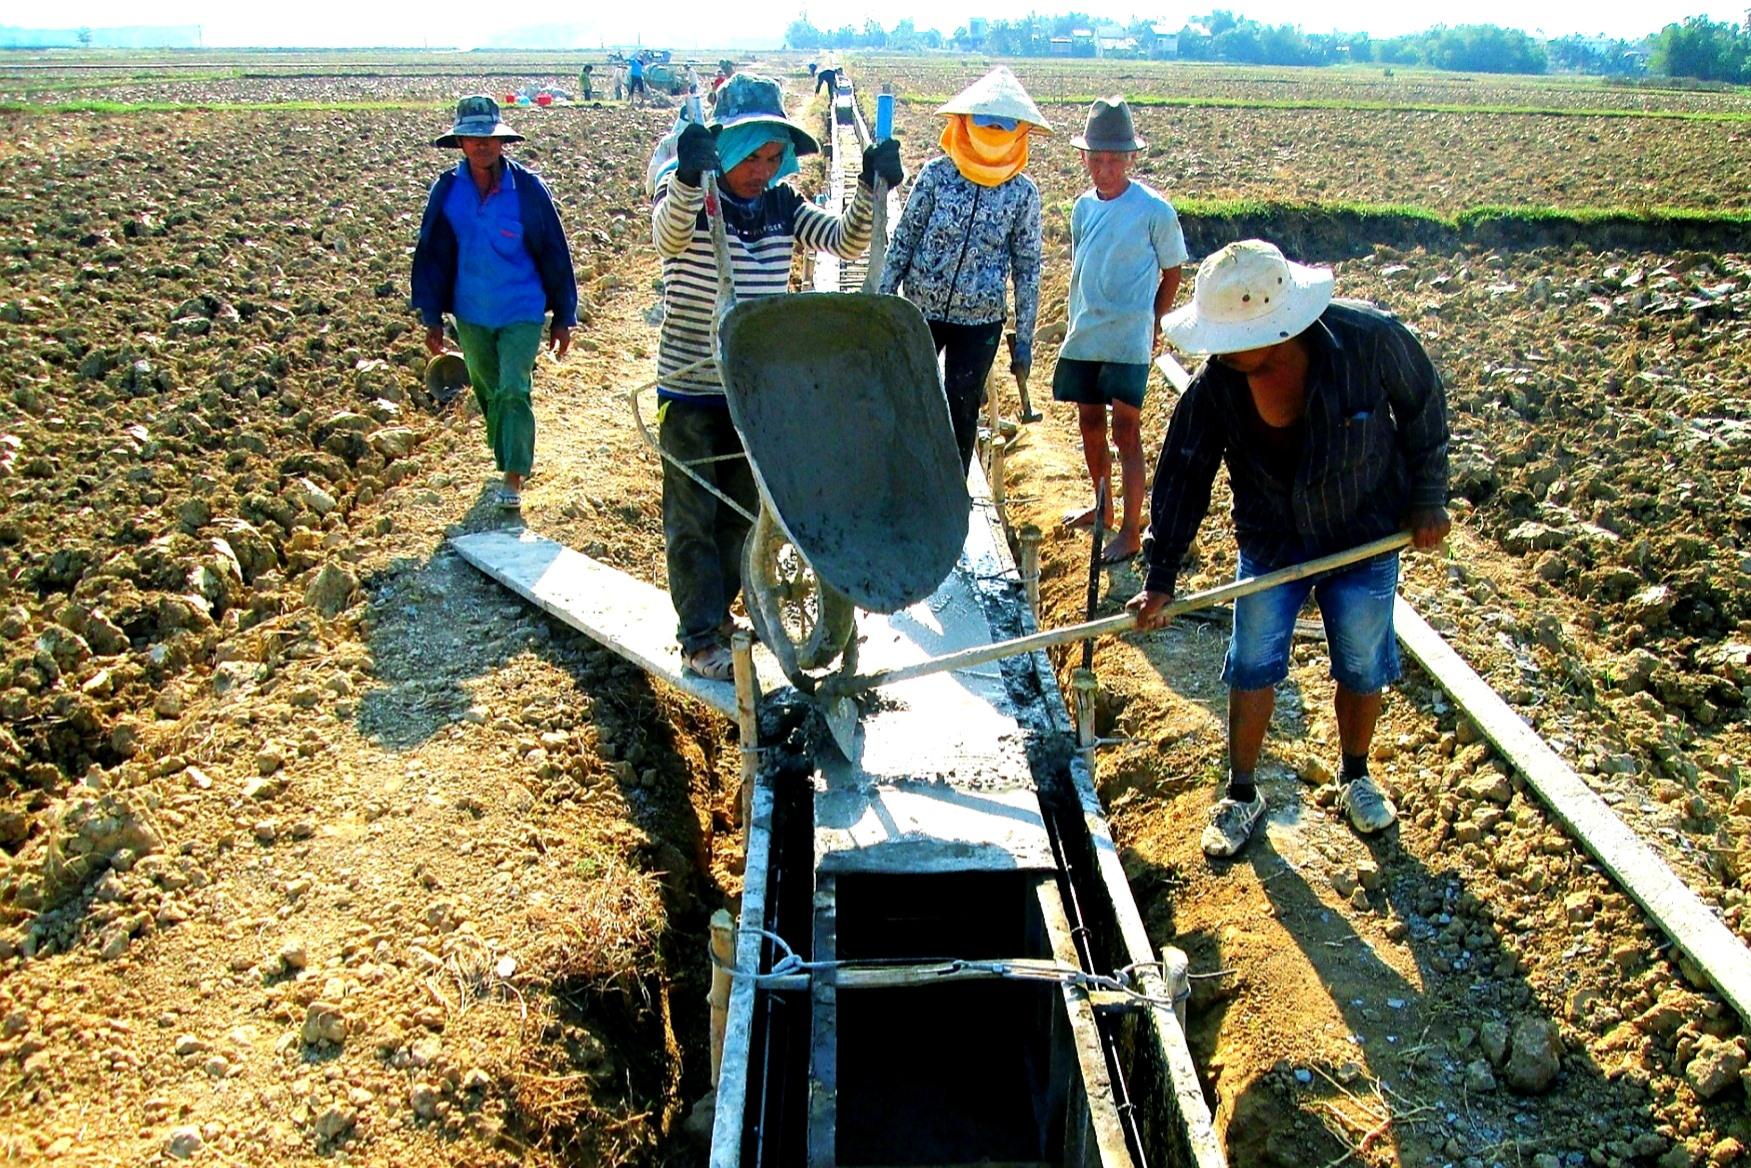 Trong giai đoạn 2010 - 2020, tỉnh ưu tiên nguồn lực đầu tư xây dựng hạ tầng thủy lợi phục vụ sản xuất nông nghiệp.     Ảnh: VĂN SỰ